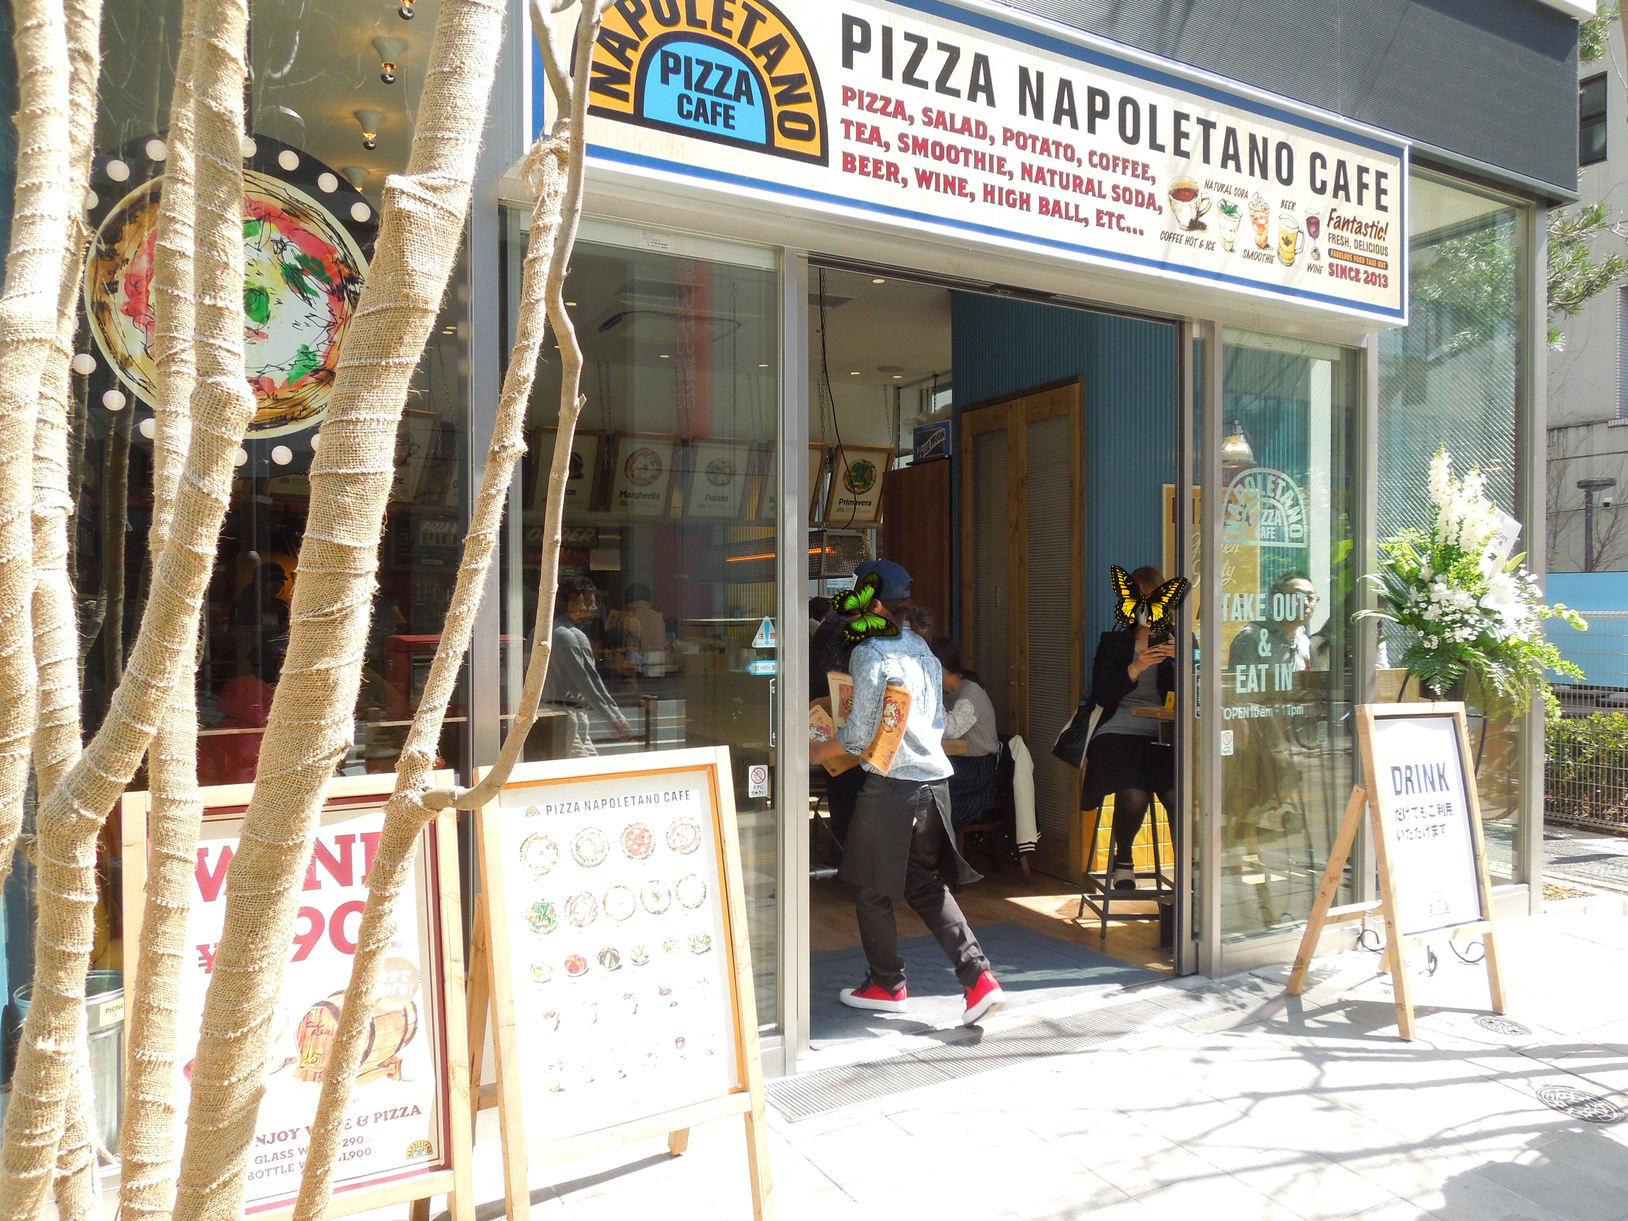 ピッツァ ナポレターノ カフェ 調布南口店